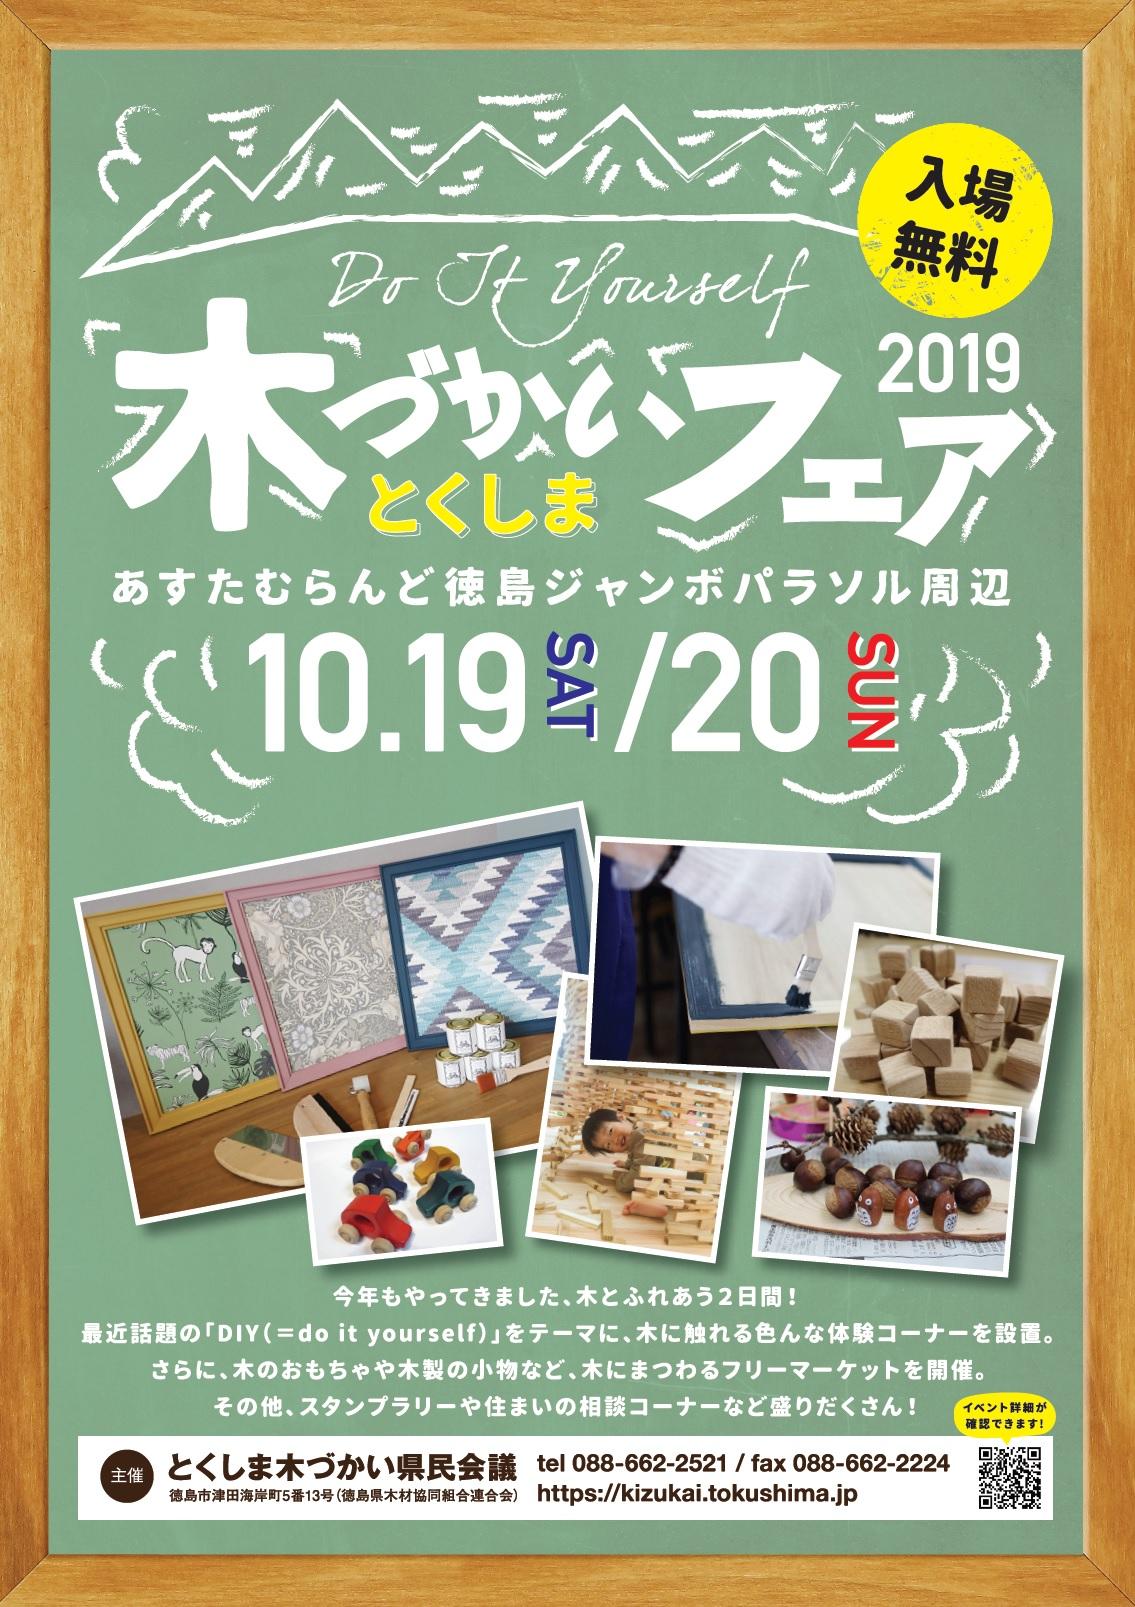 10/19-20 は「とくしま木づかいフェア2019」!